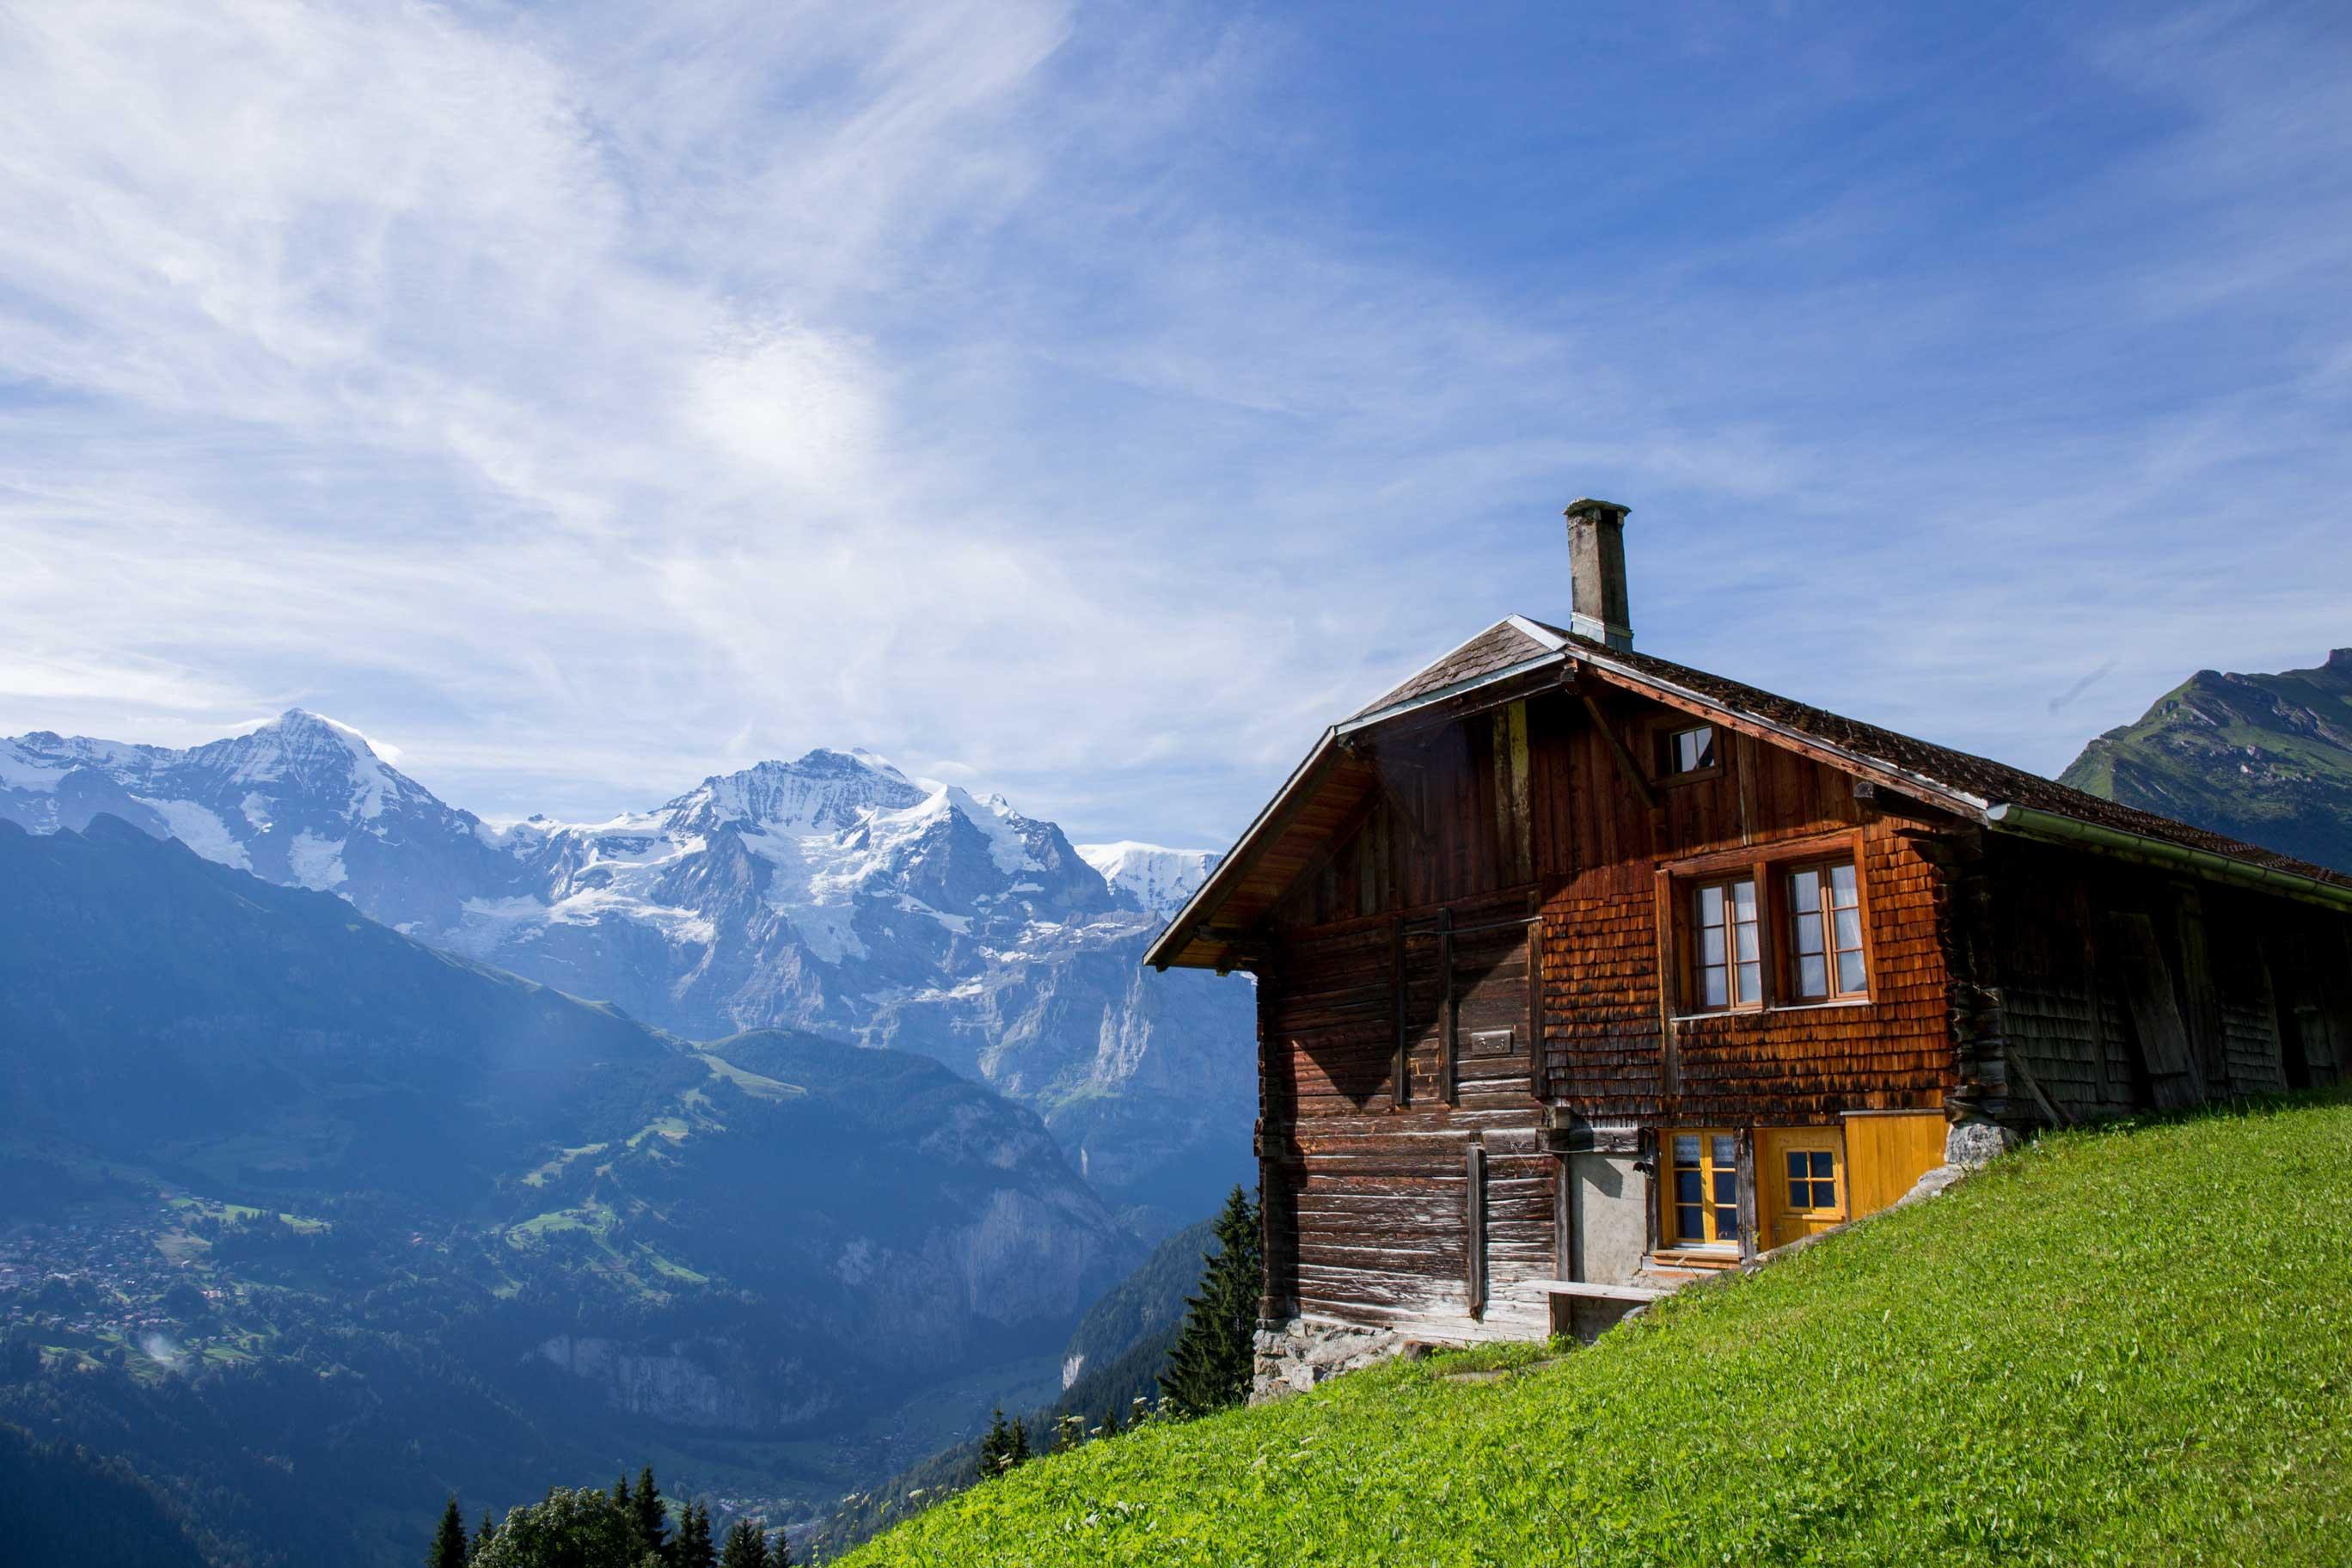 Mönch Isenfluh Suhlwald Jungfrau